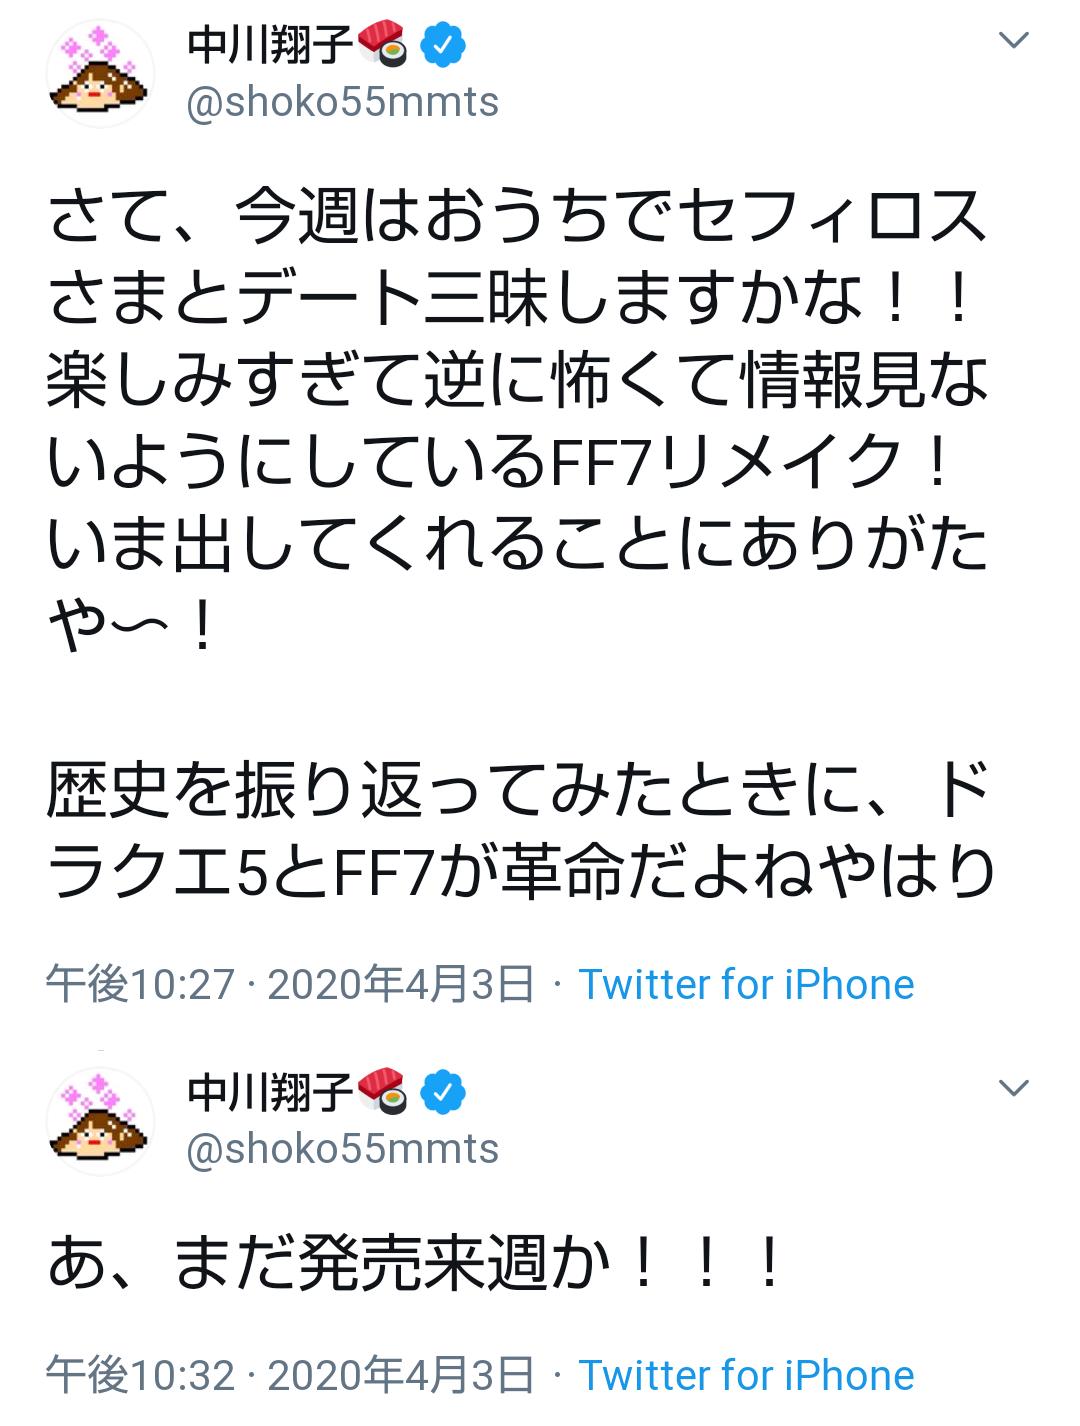 ppVBjFz - 中川翔子「歴史を振り返ってみたときに、ドラクエ5とFF7が革命だよねやはり」